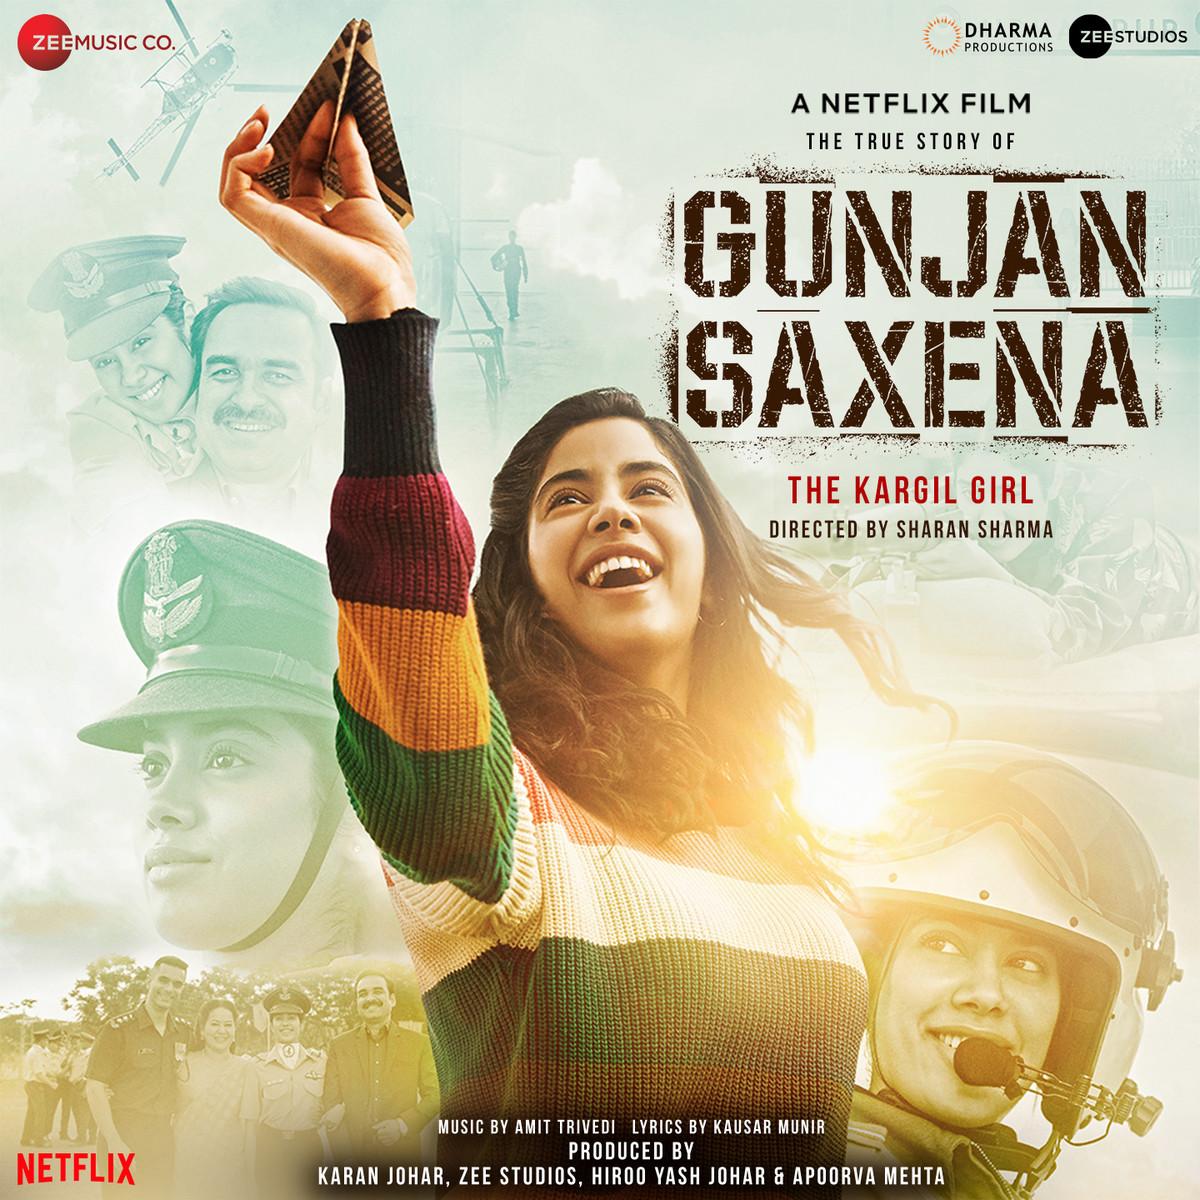 Gunjan Saxena The Kargil Girl Songs Download Gunjan Saxena The Kargil Girl Mp3 Songs Online Free On Gaana Com